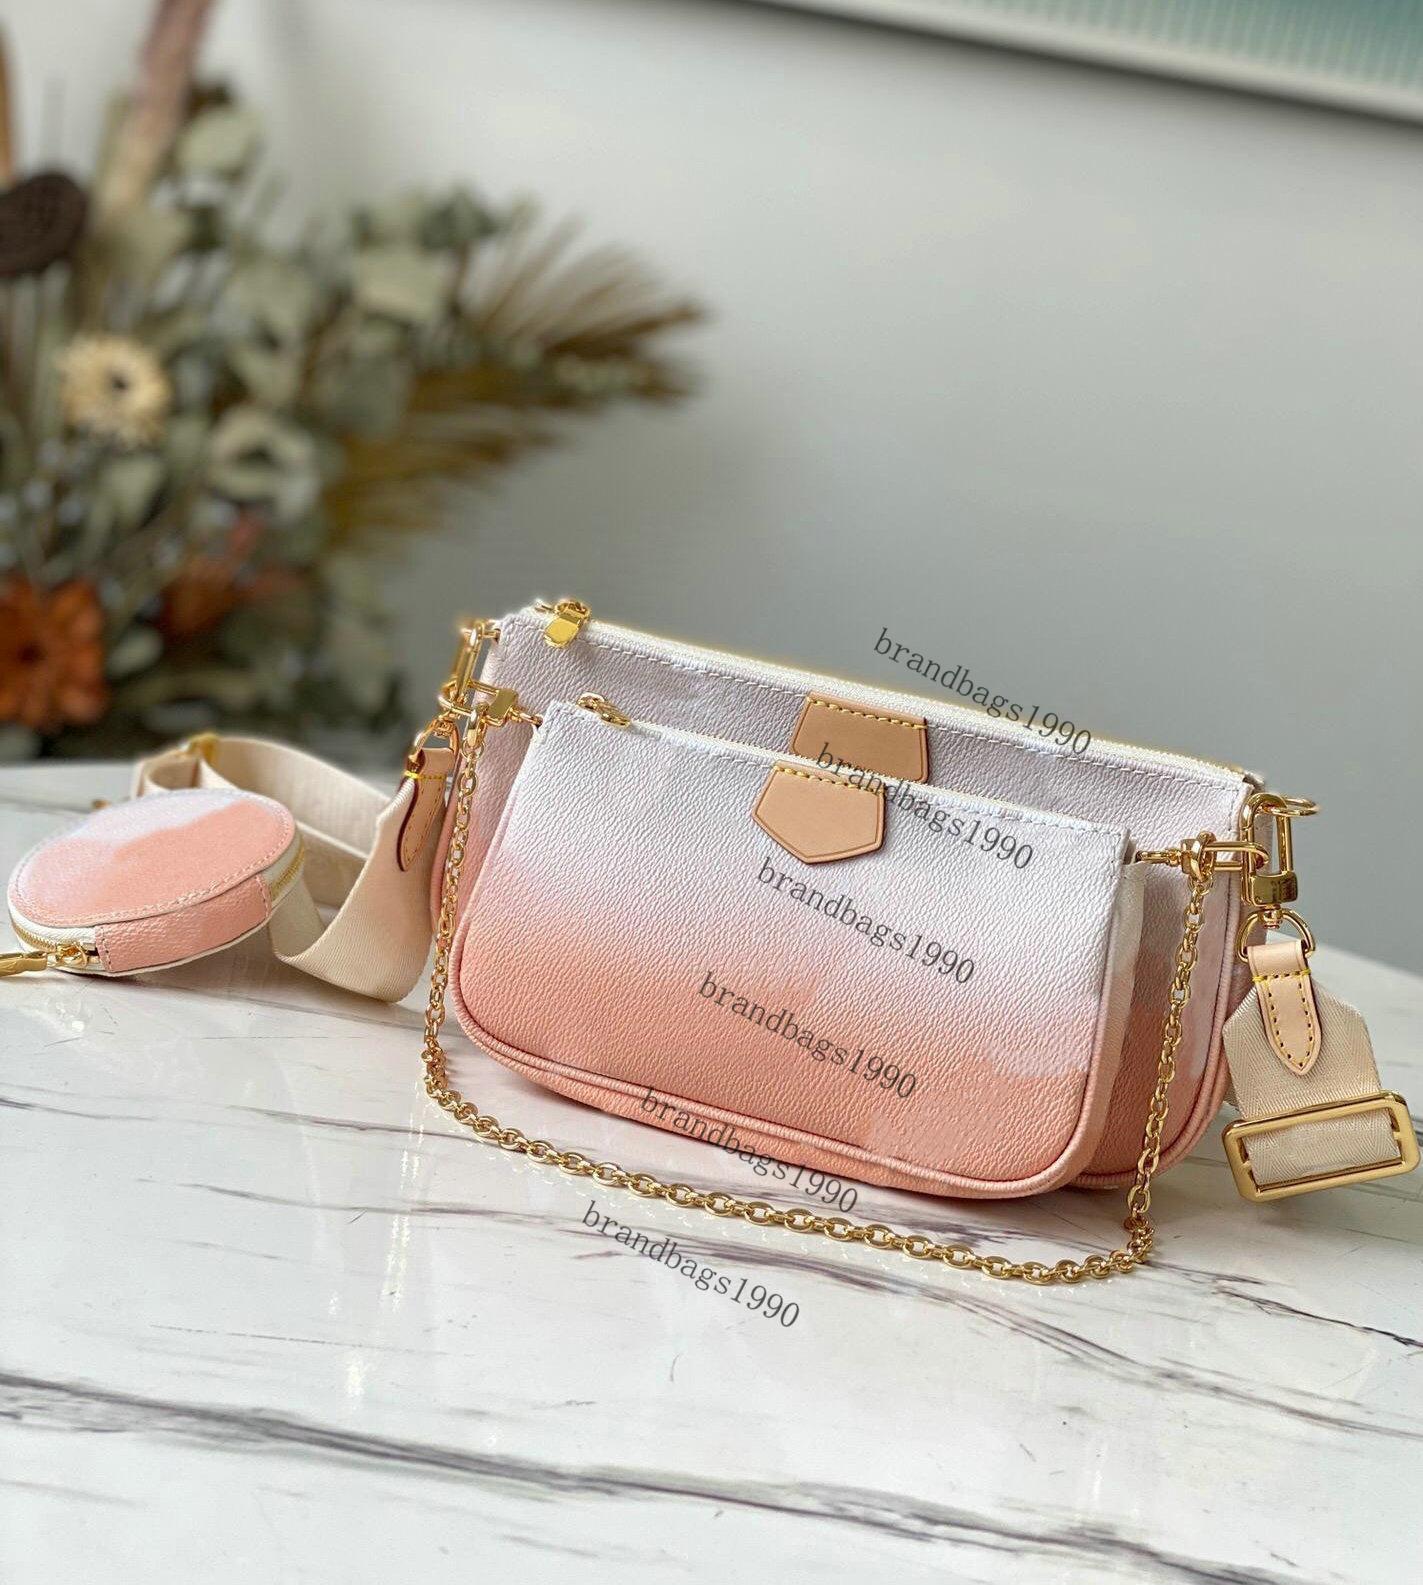 2021 Frauen Tasche Favorit Echtes Leder Modedesigner Handtaschen Multi Pochete Accessoires Geldbörsen Blume Mini 3 stücke Crossbody Umhängetaschen